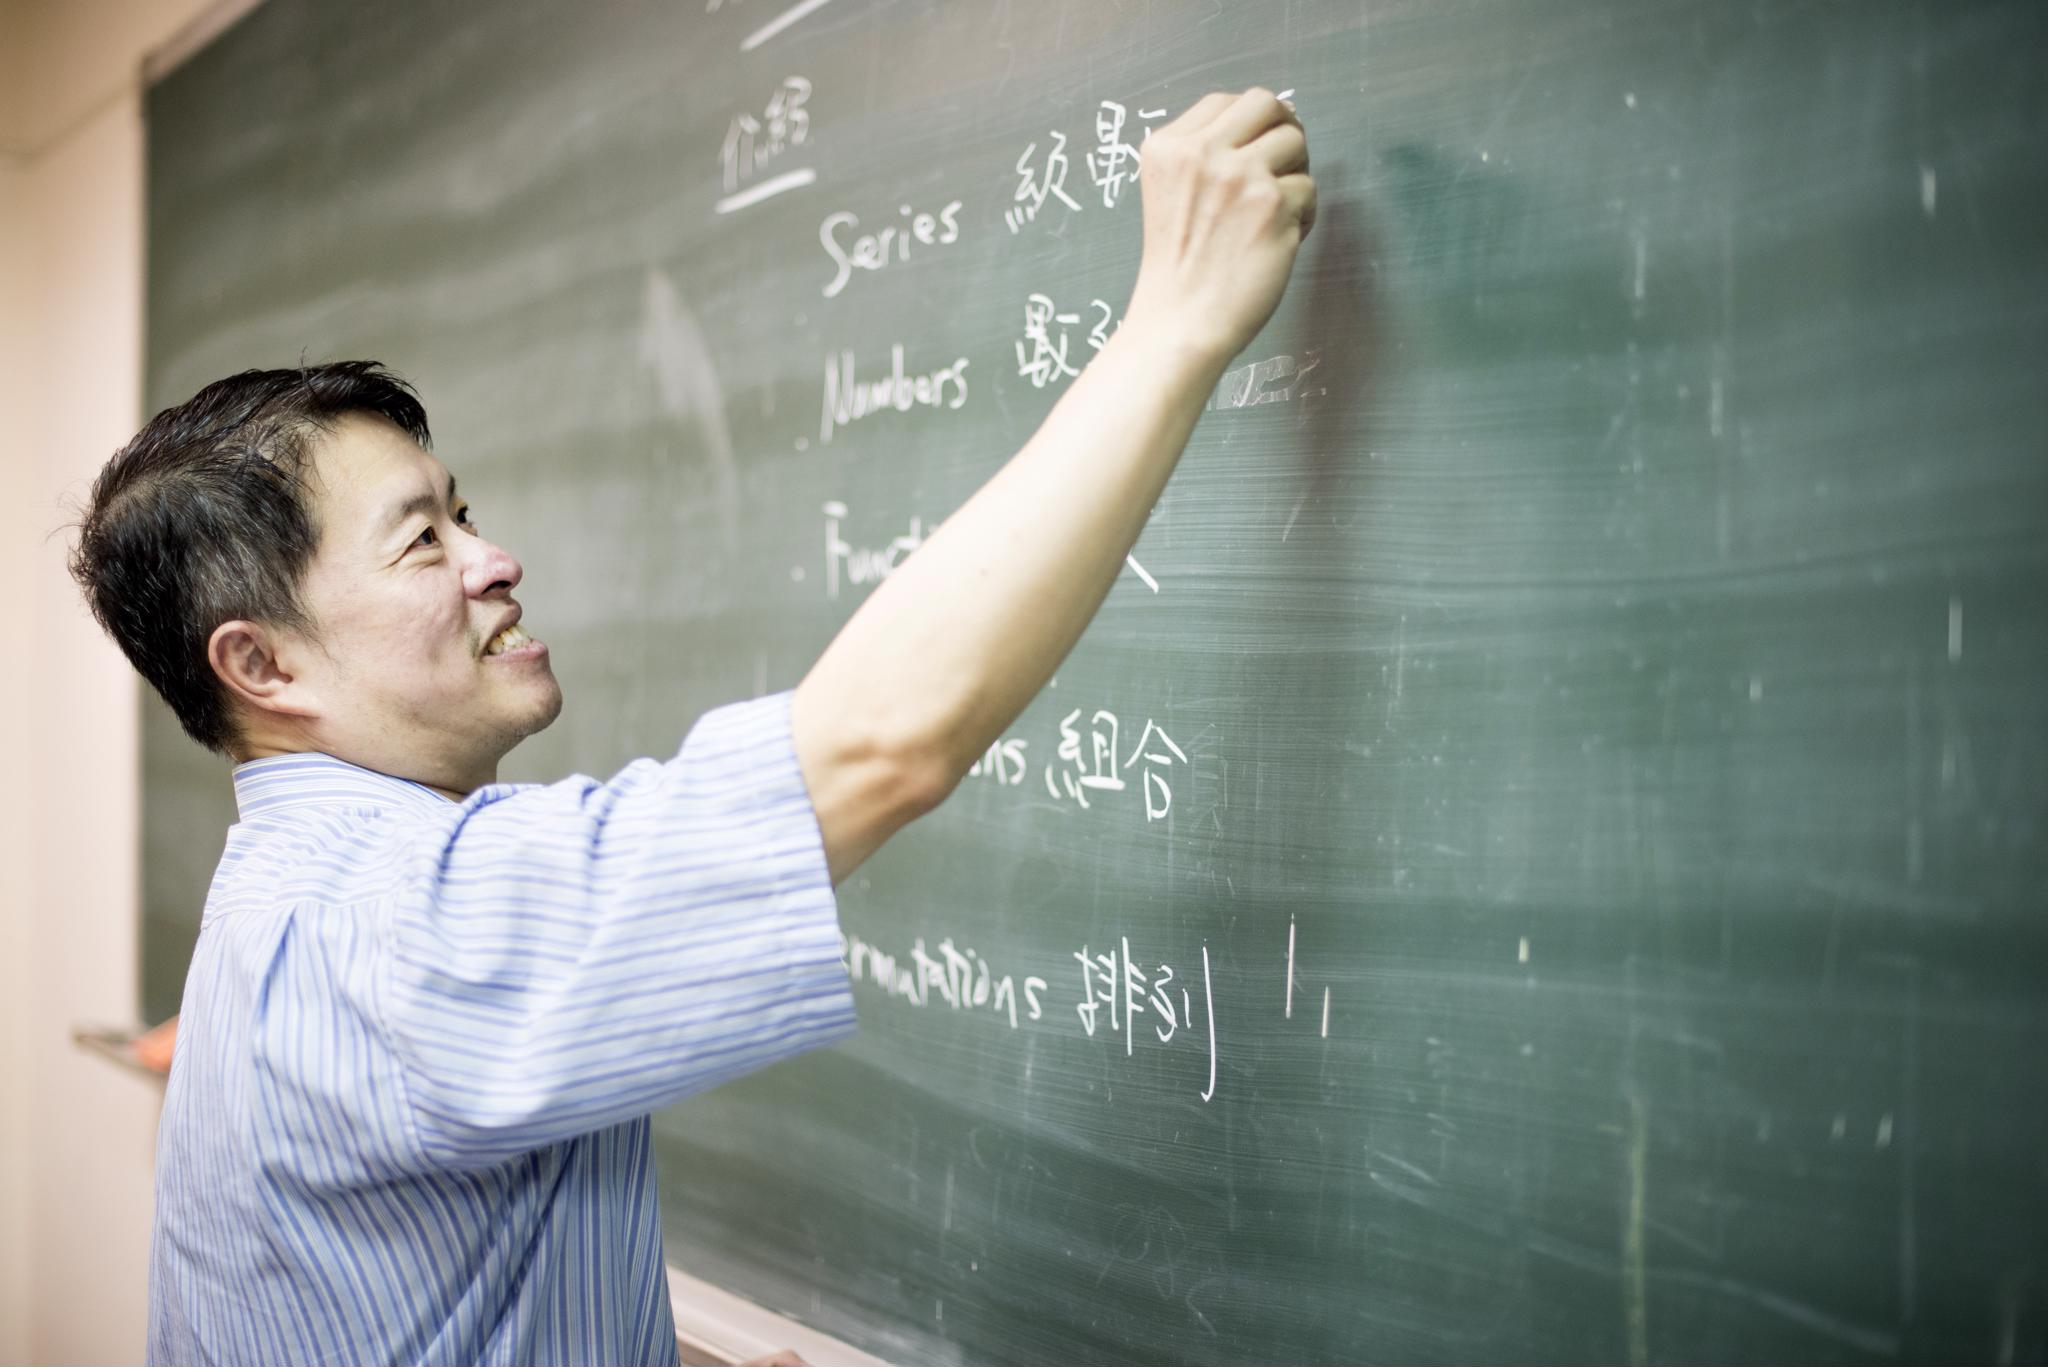 106教學特優教師專題報導─資訊系張元翔:堅持手寫板書  融合蘇格拉底教學法擄獲學生的心